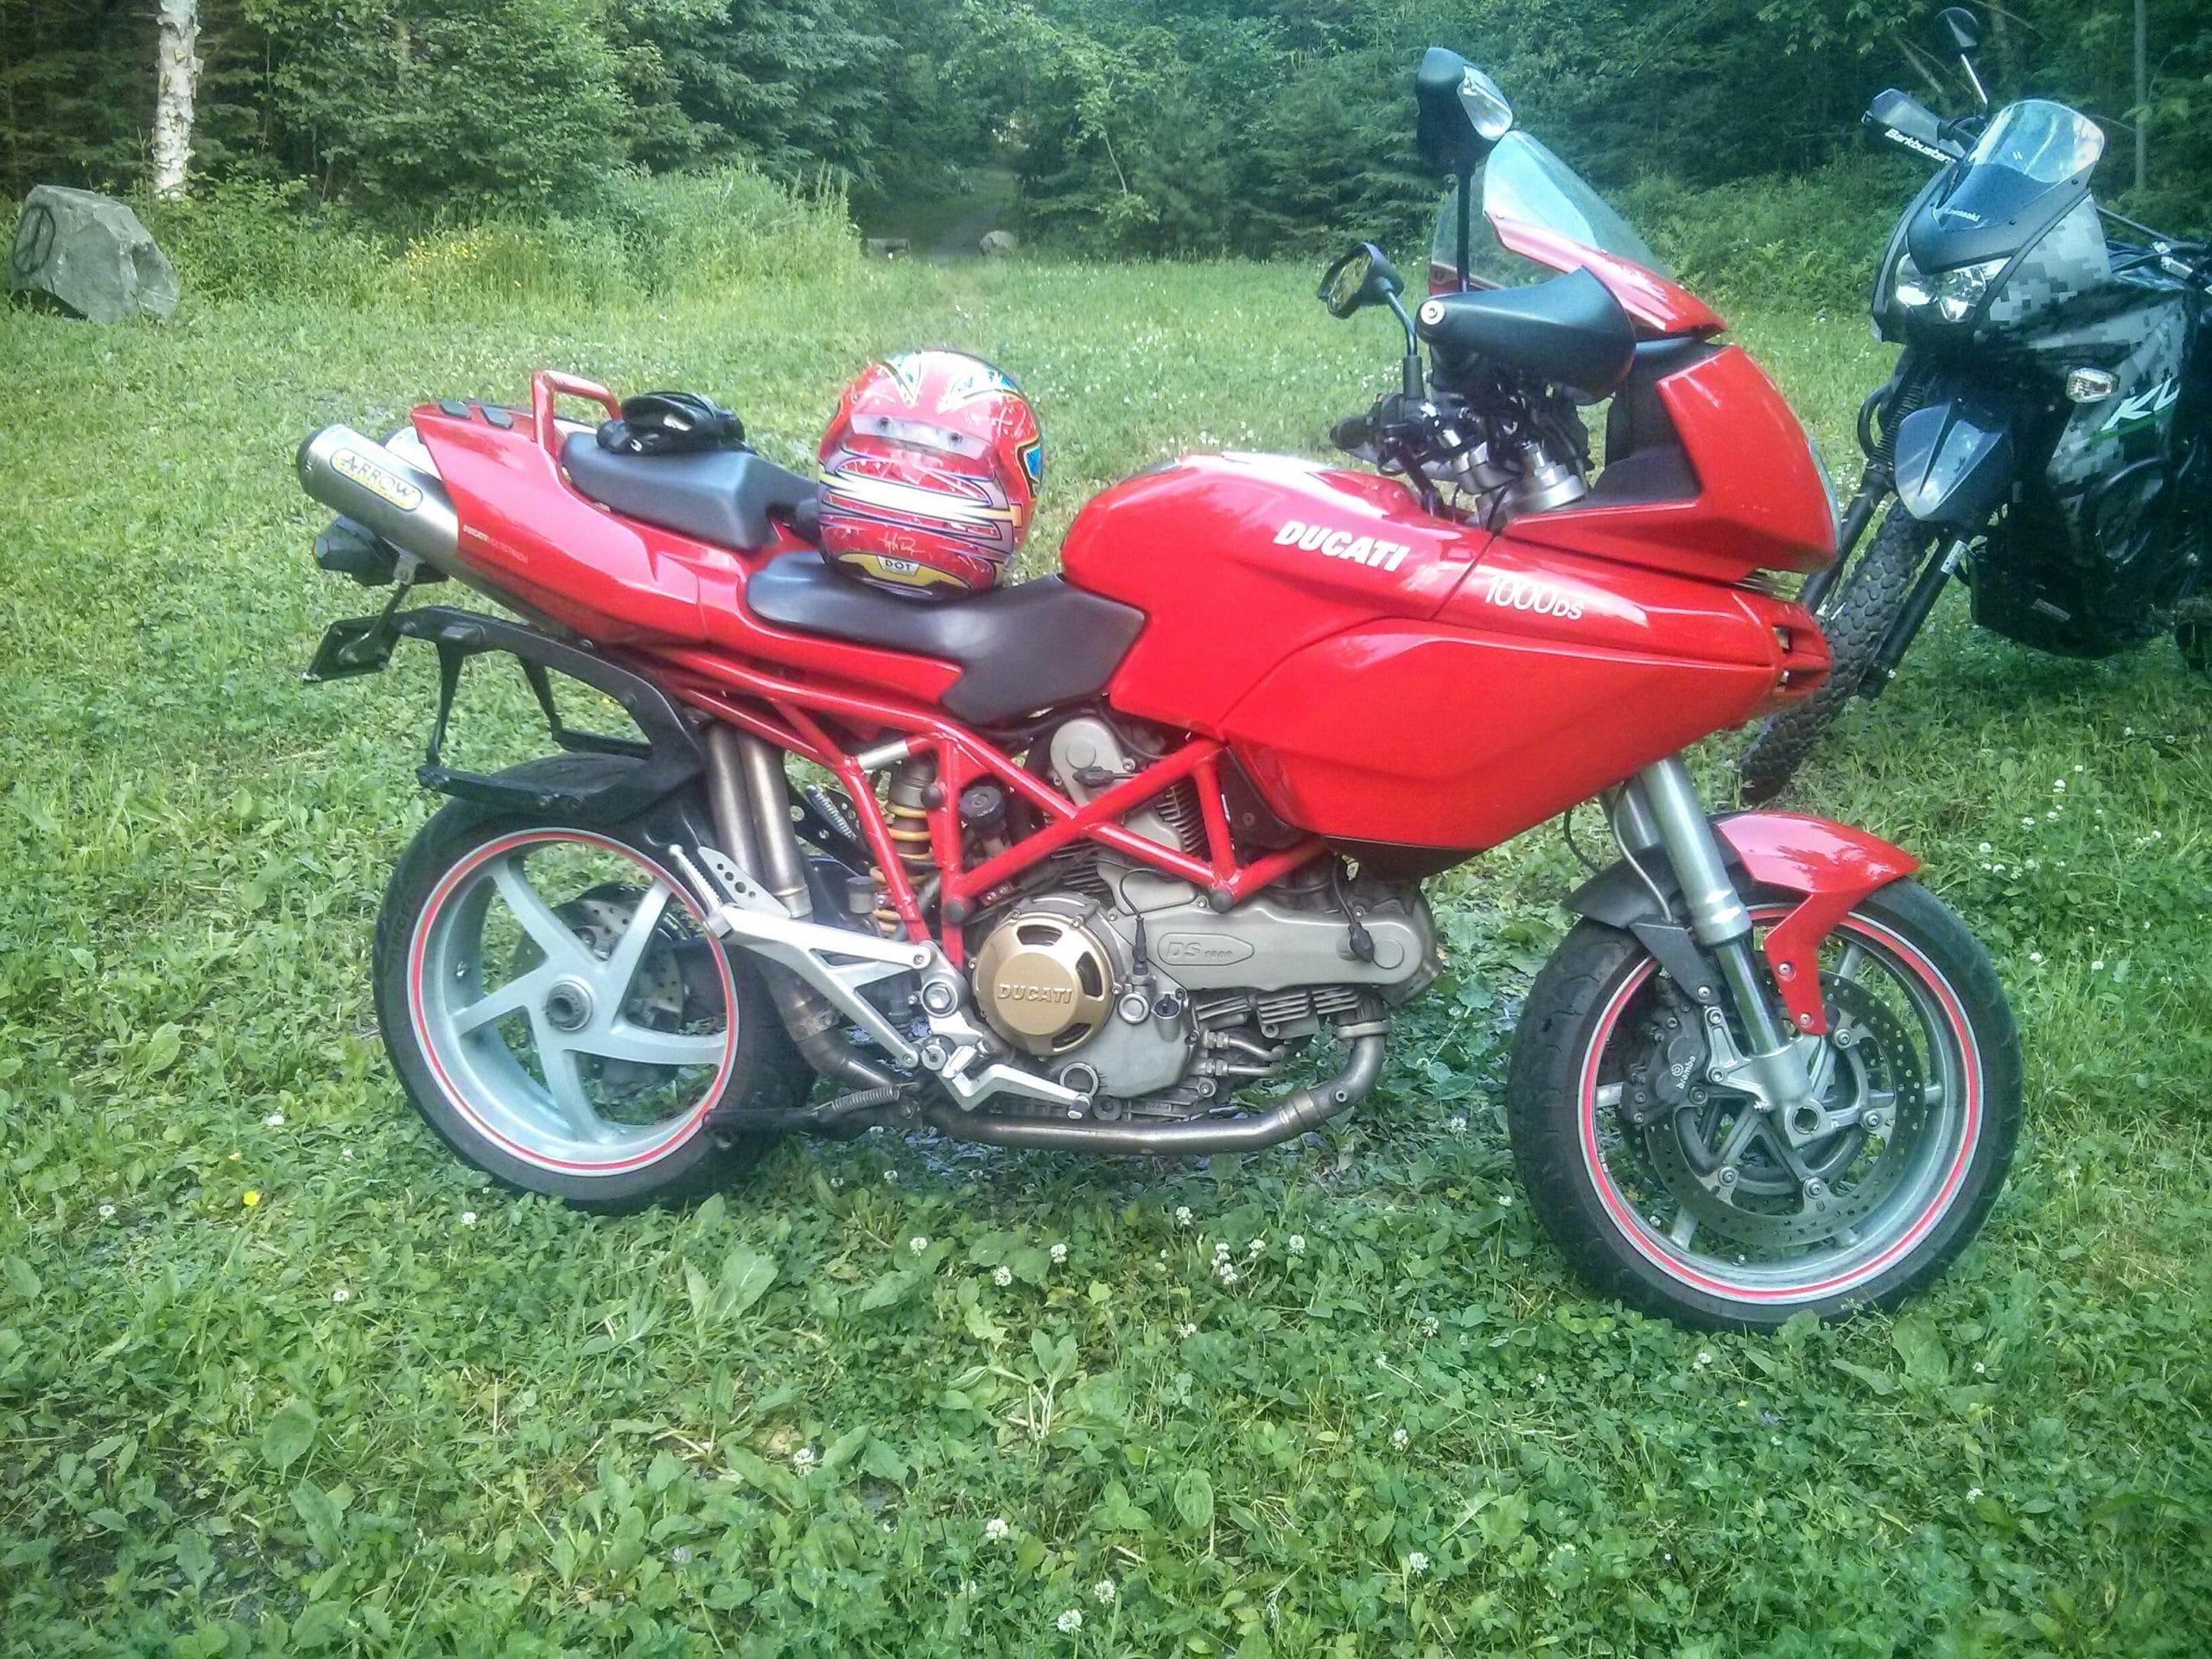 Ducati Multistrada 1000 DS 2006